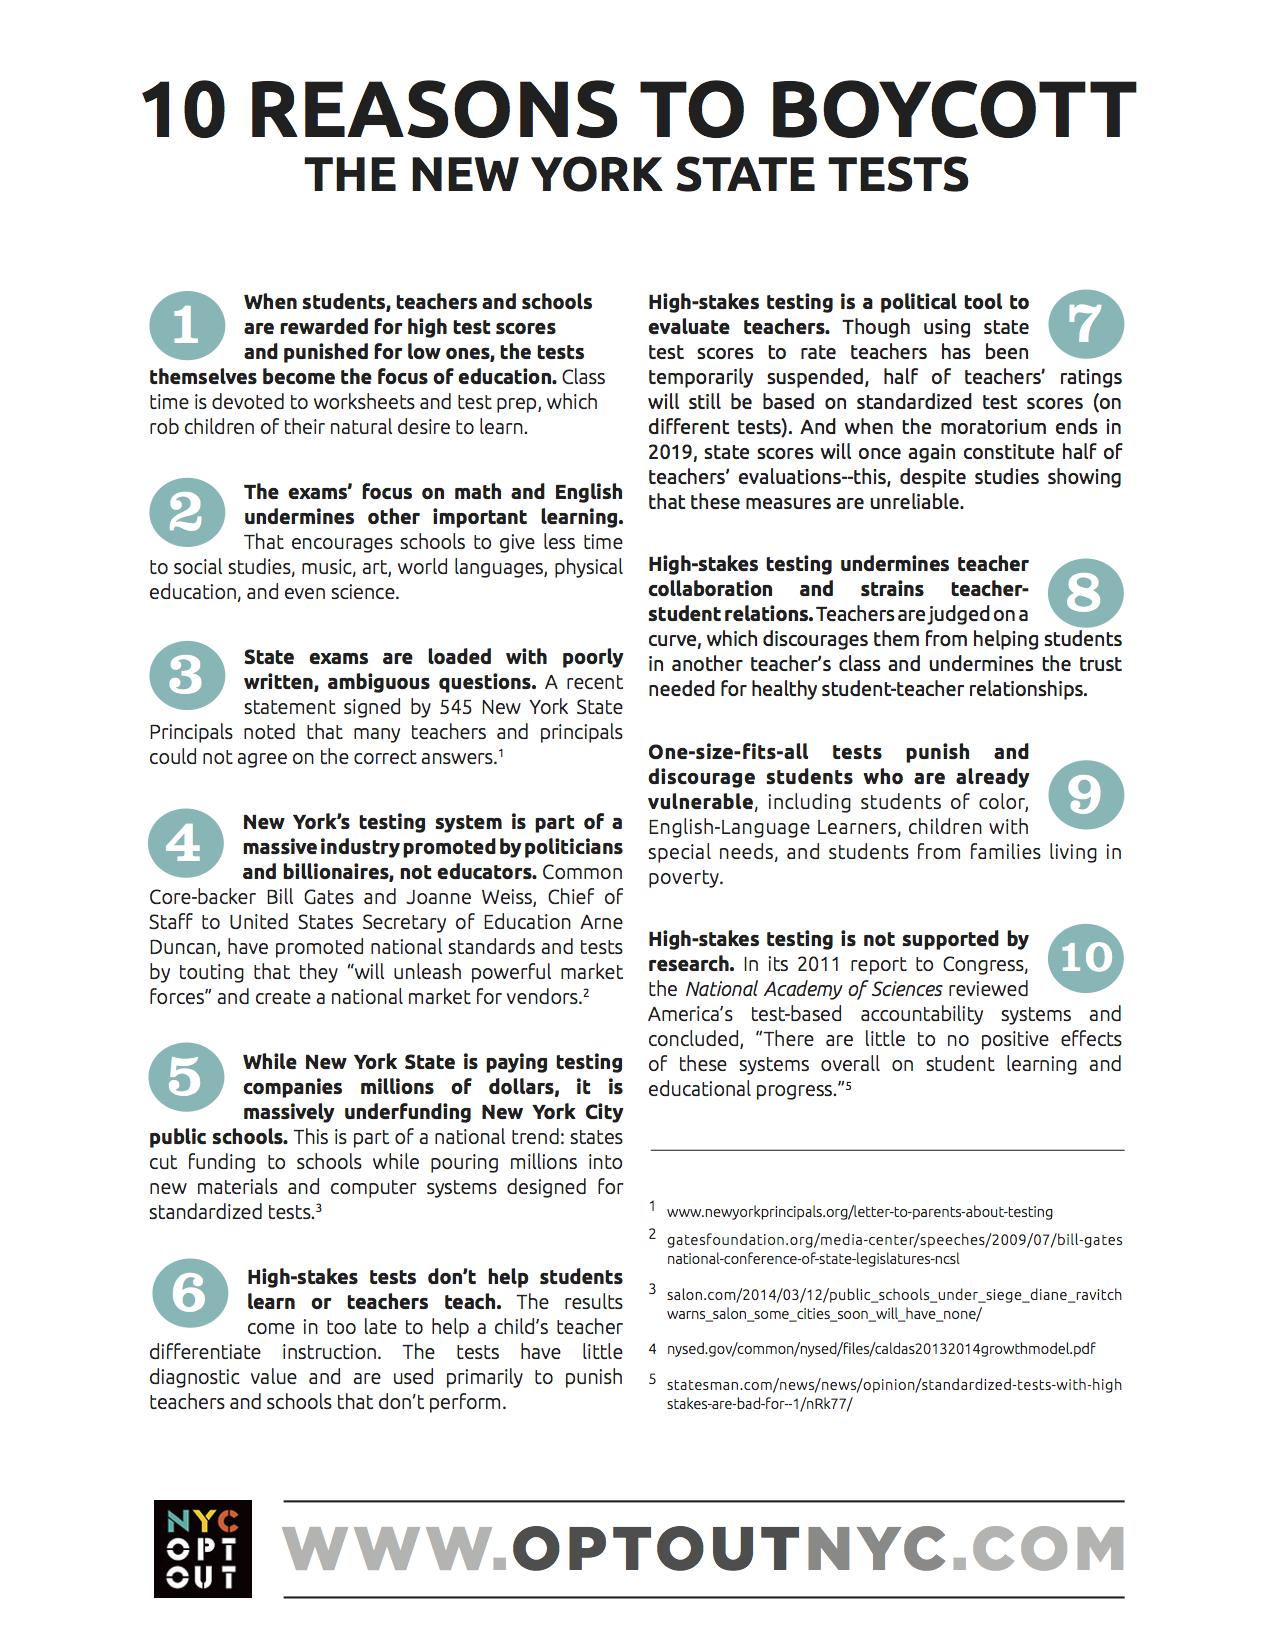 10-reasons-optout5.jpg